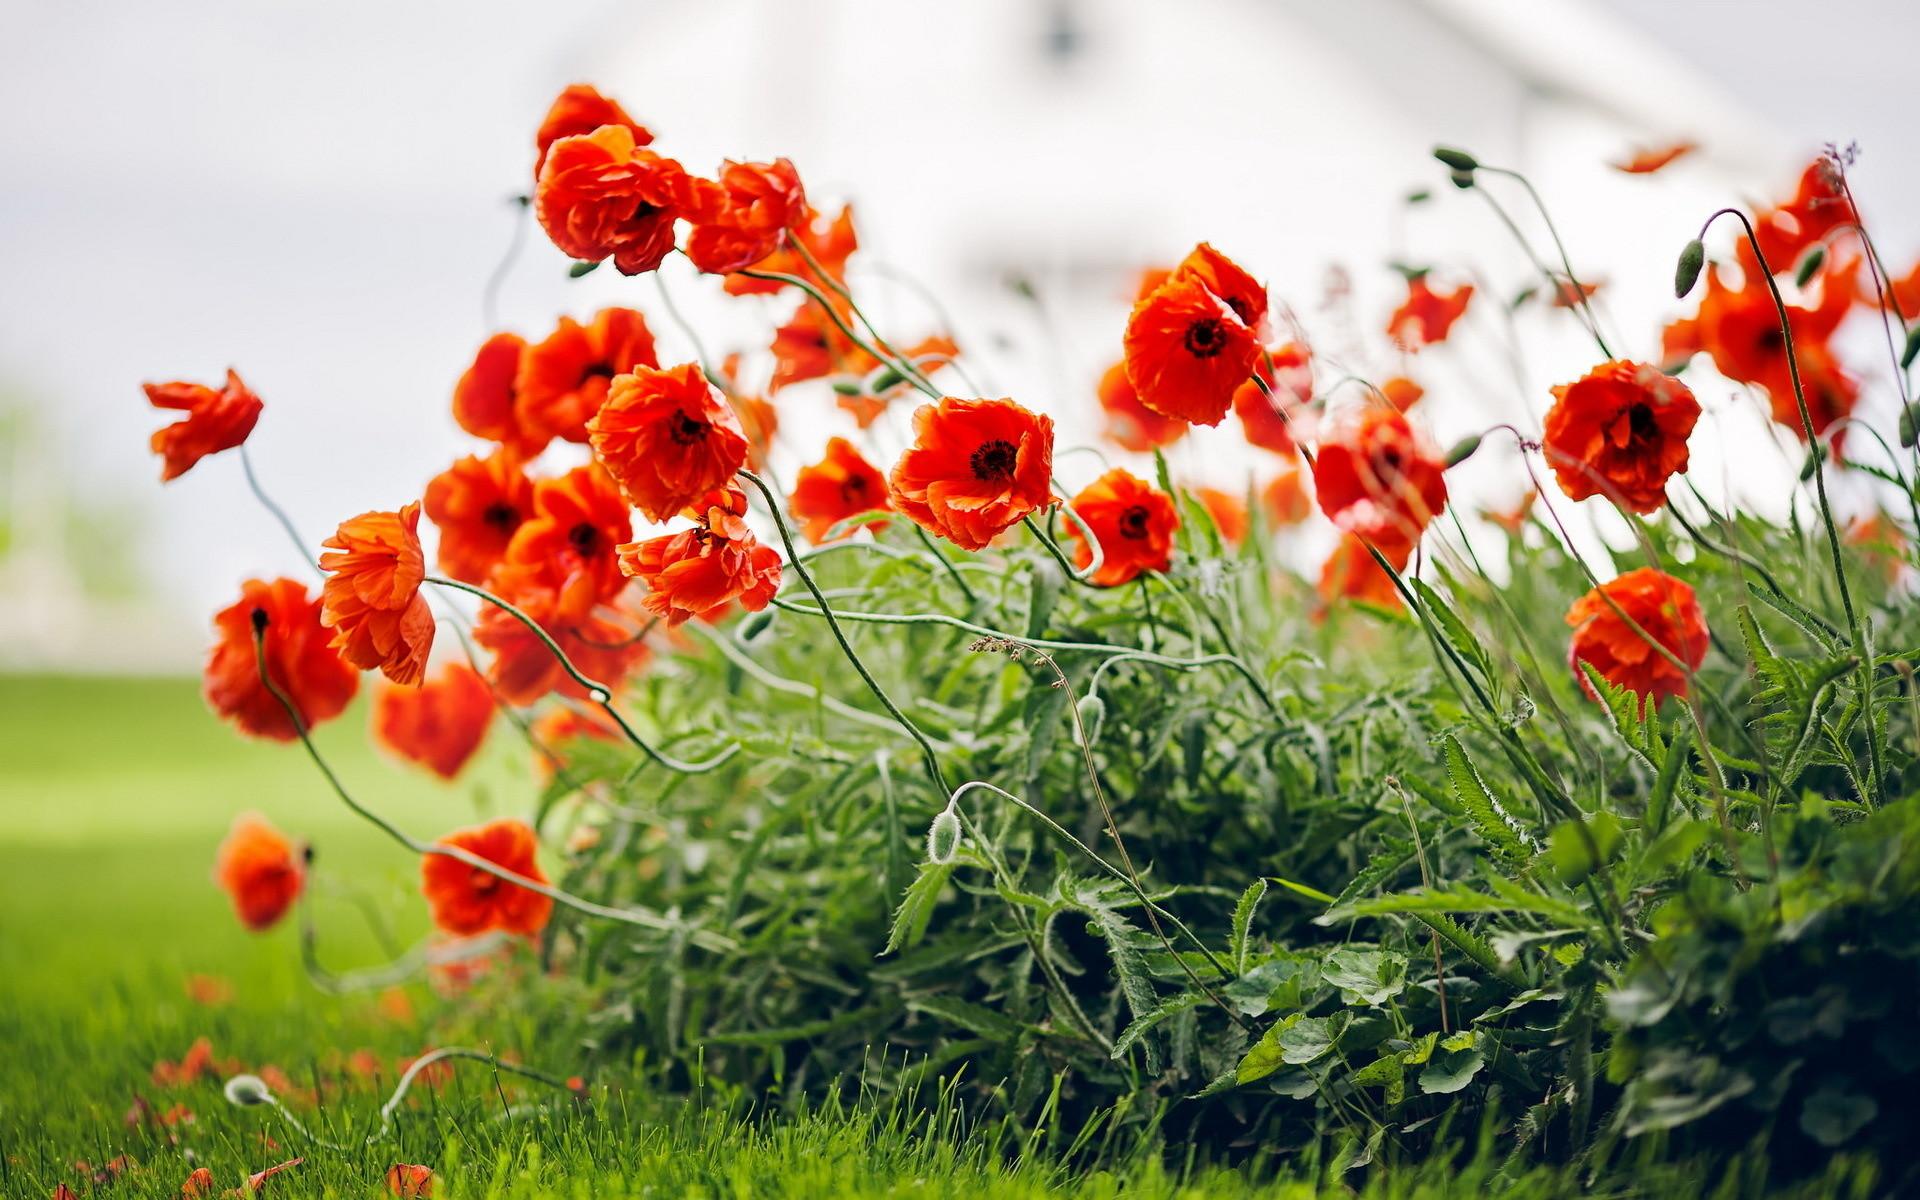 Supreme Girl Iphone Wallpaper Poppy Flower Wallpaper 63 Images